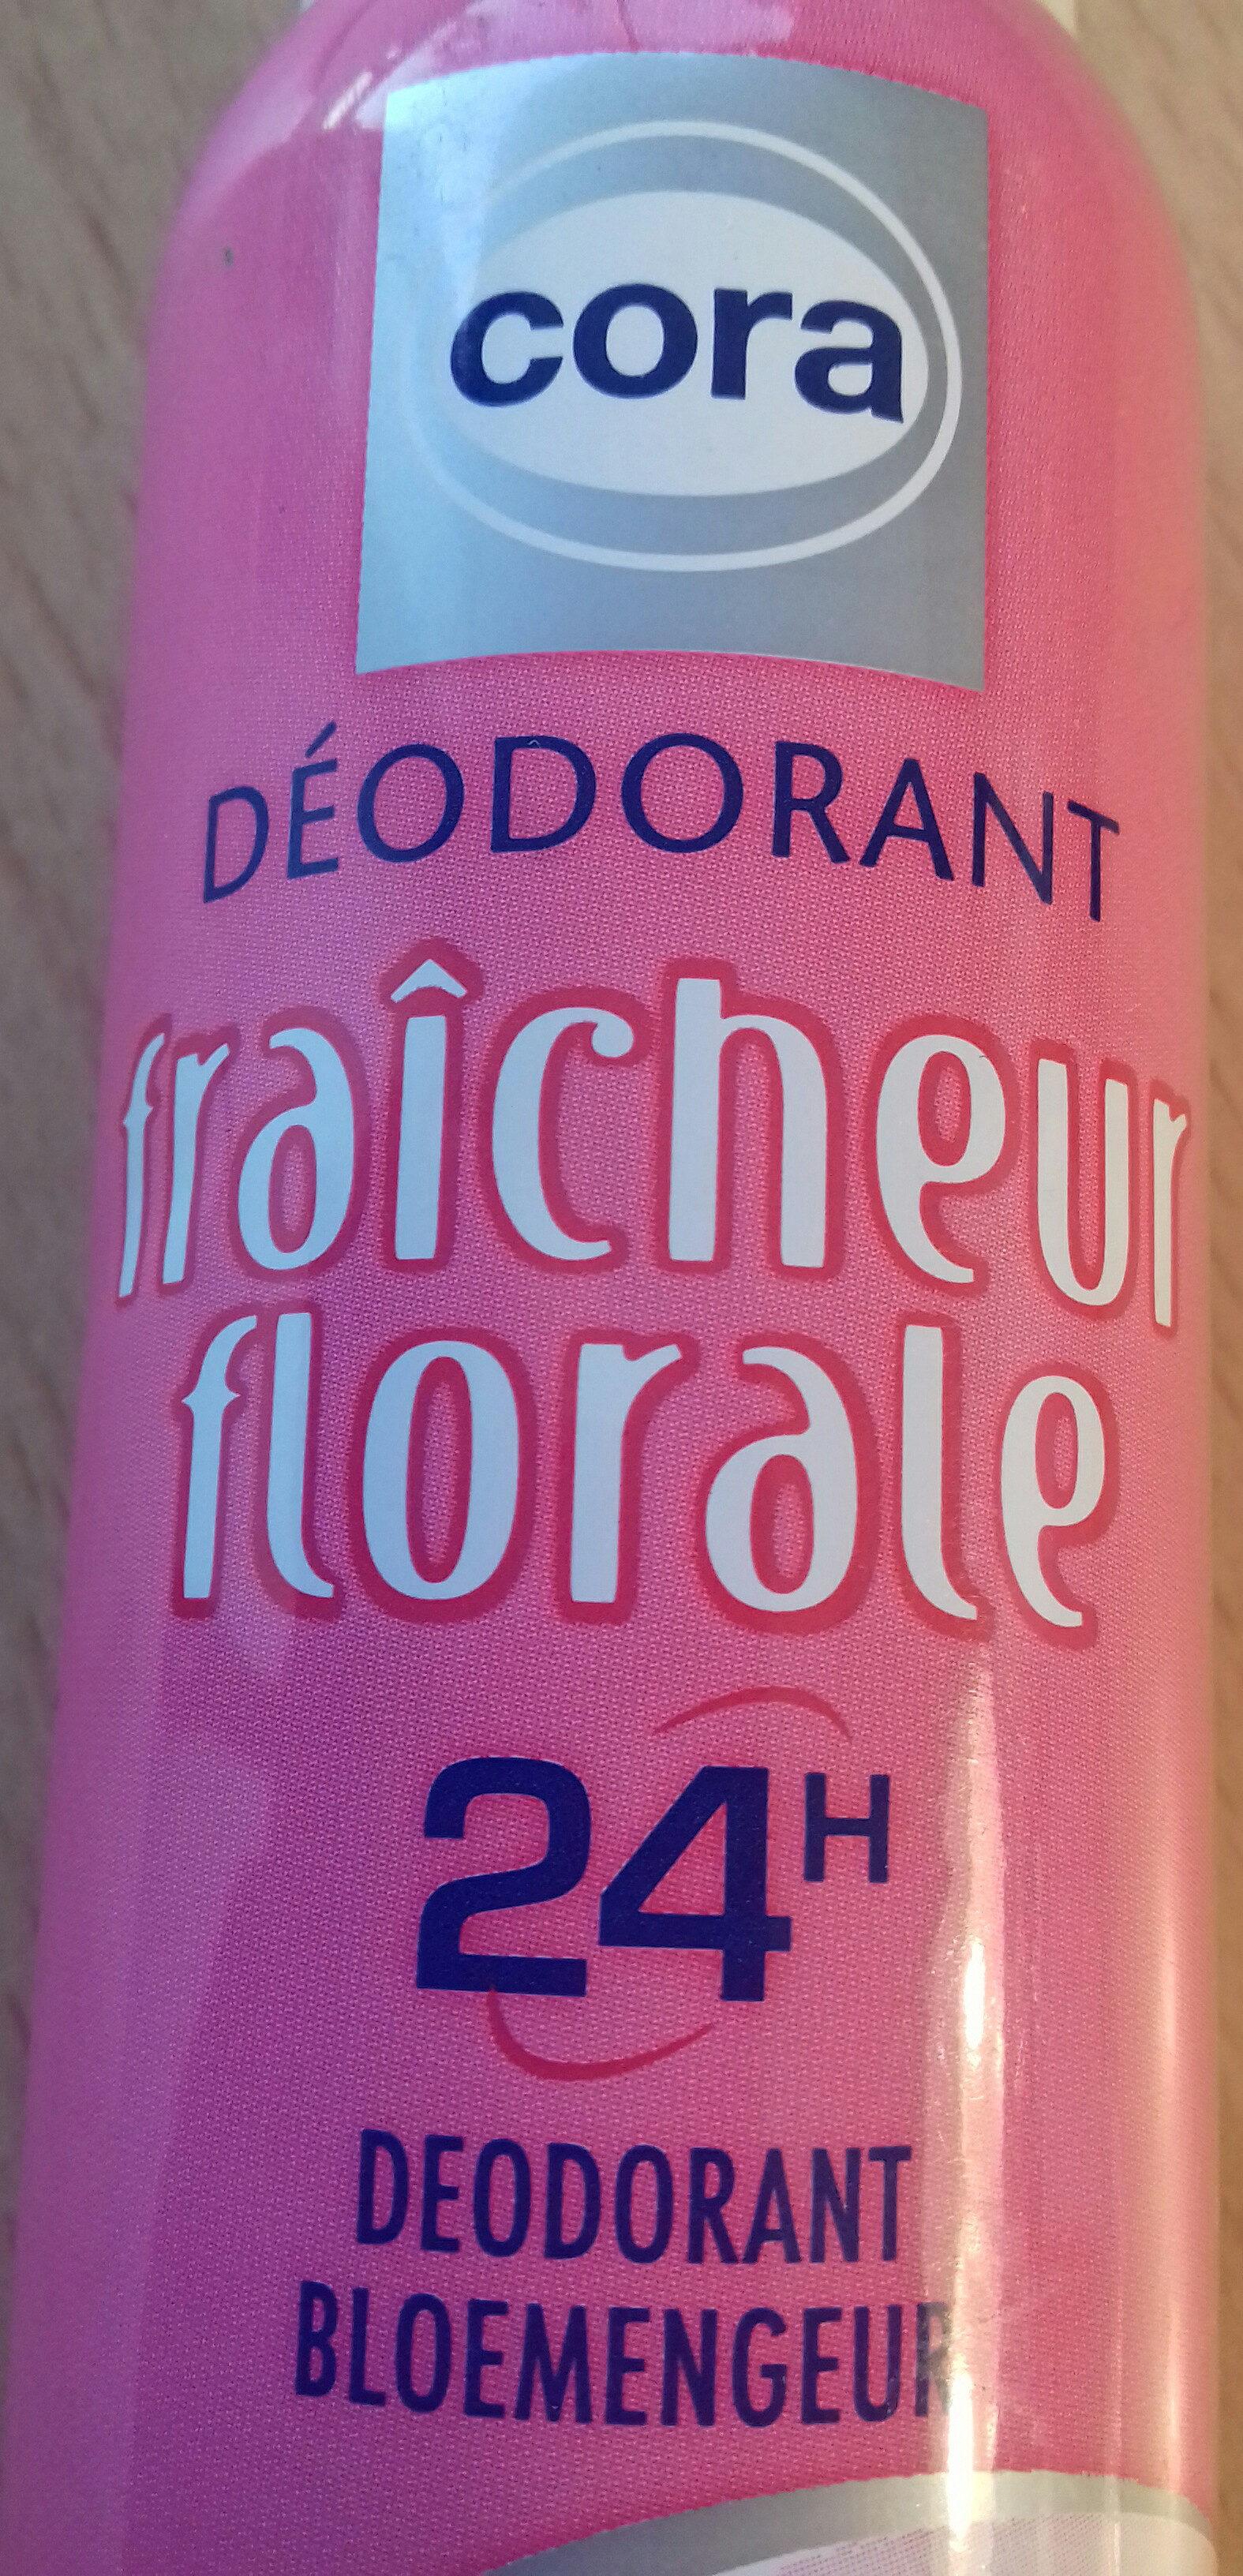 Déodorant fraîcheur florale - Produit